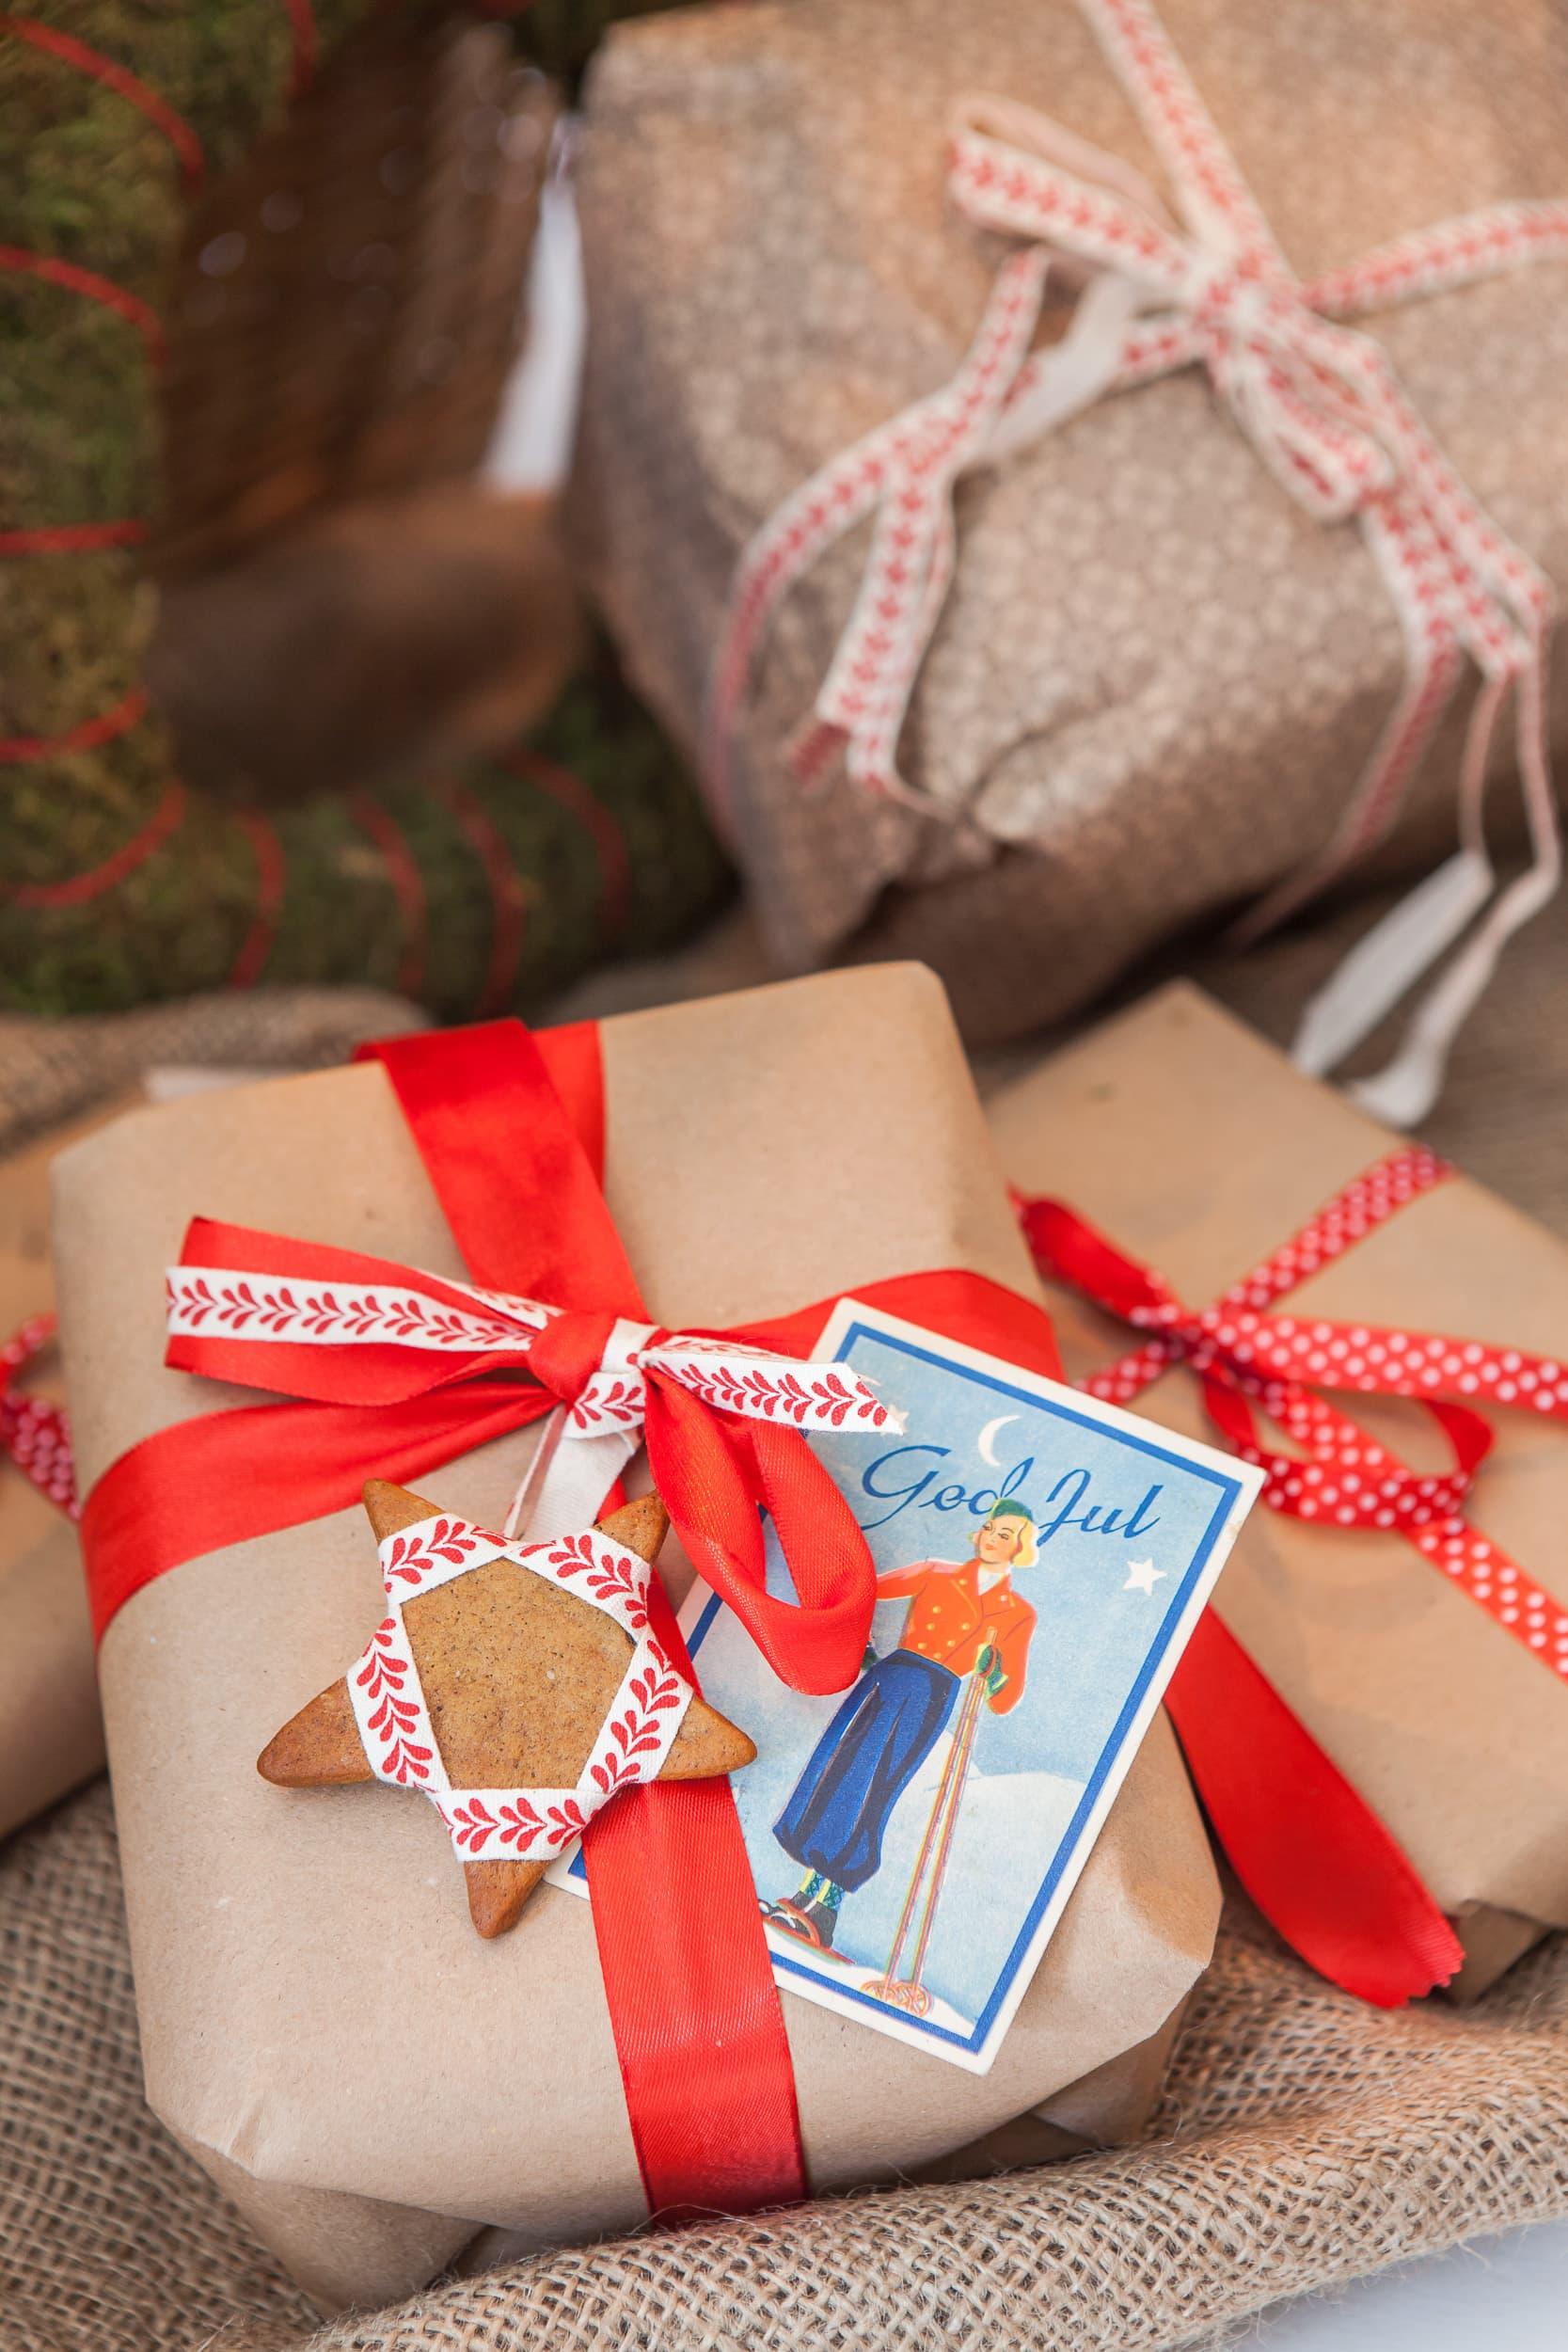 Smarriga paket - julklapparna blir extra fina med tygband. Fäst en pepparkaka i banden och toppa med ett litet julkort. Vi har använt ett gammalt kort som vi hittat på loppis.